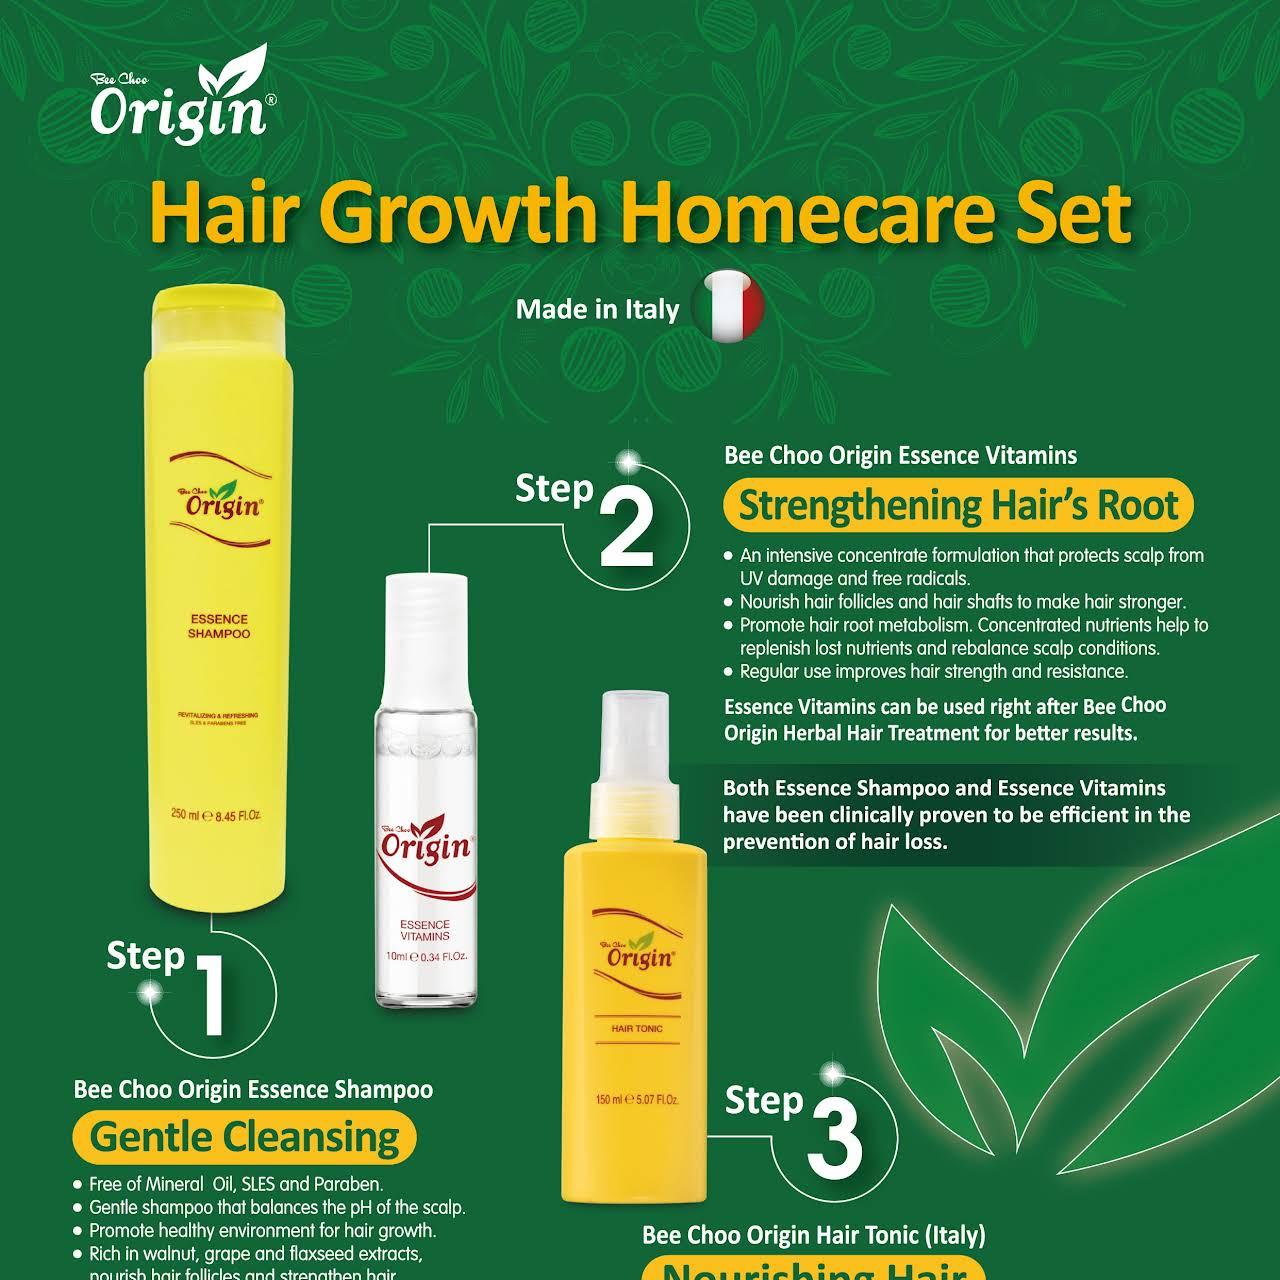 Origin Herbal Hair Treatment Seri Kembangan - 100% Safe, Natural and